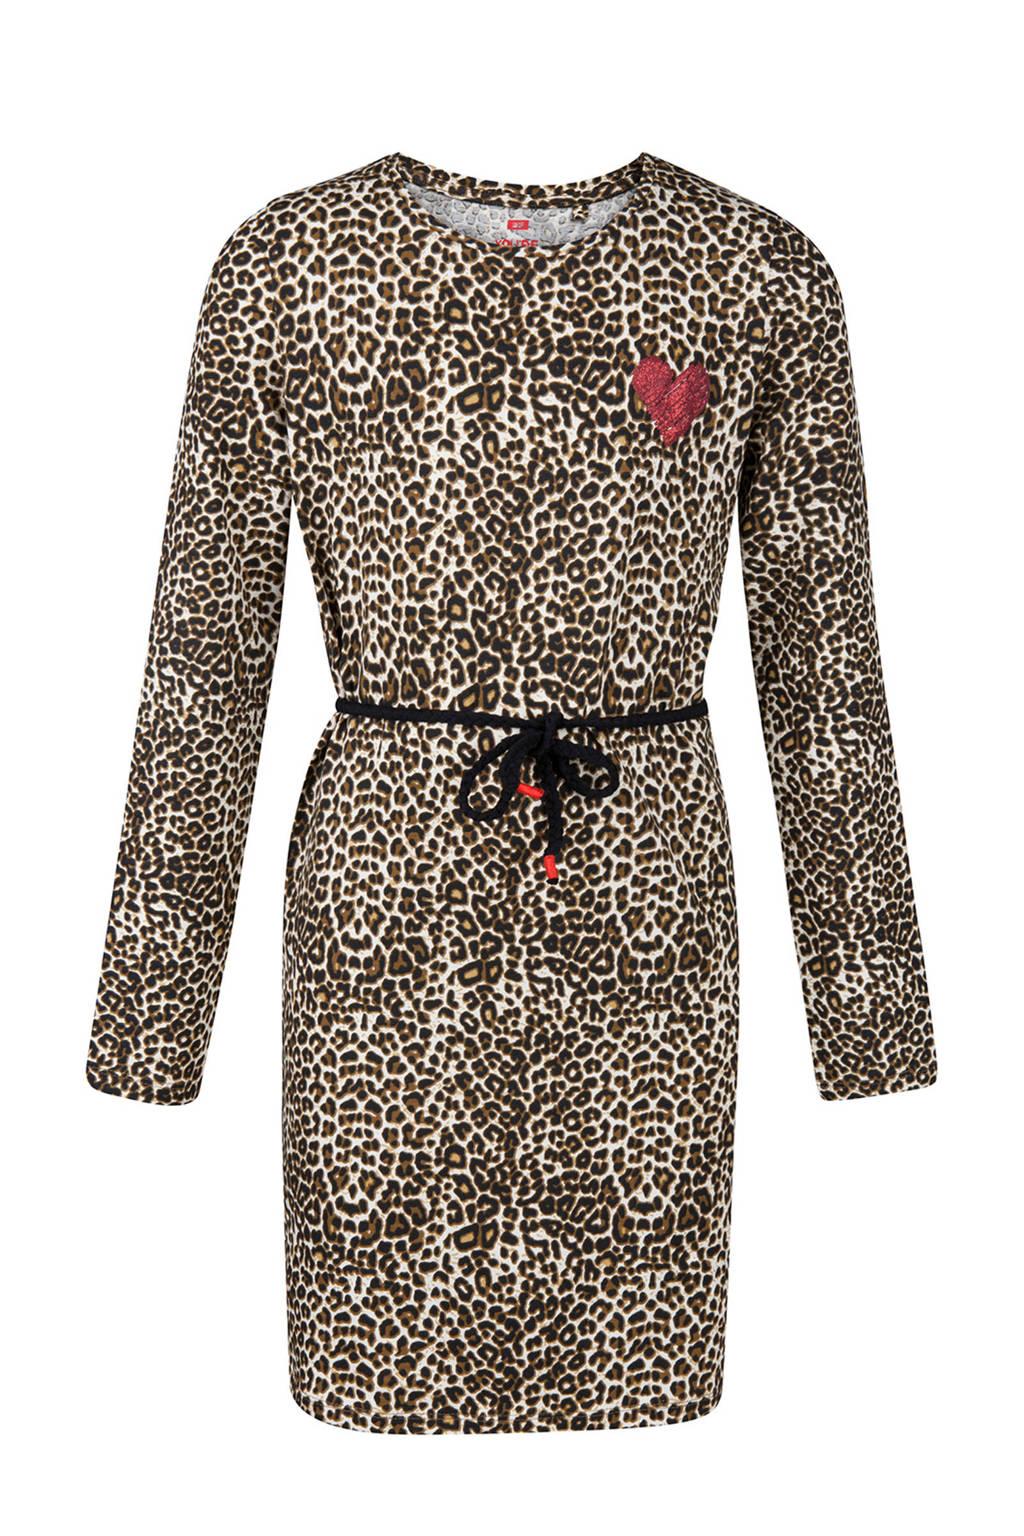 WE Fashion jurk met panterprint, Beige/bruin